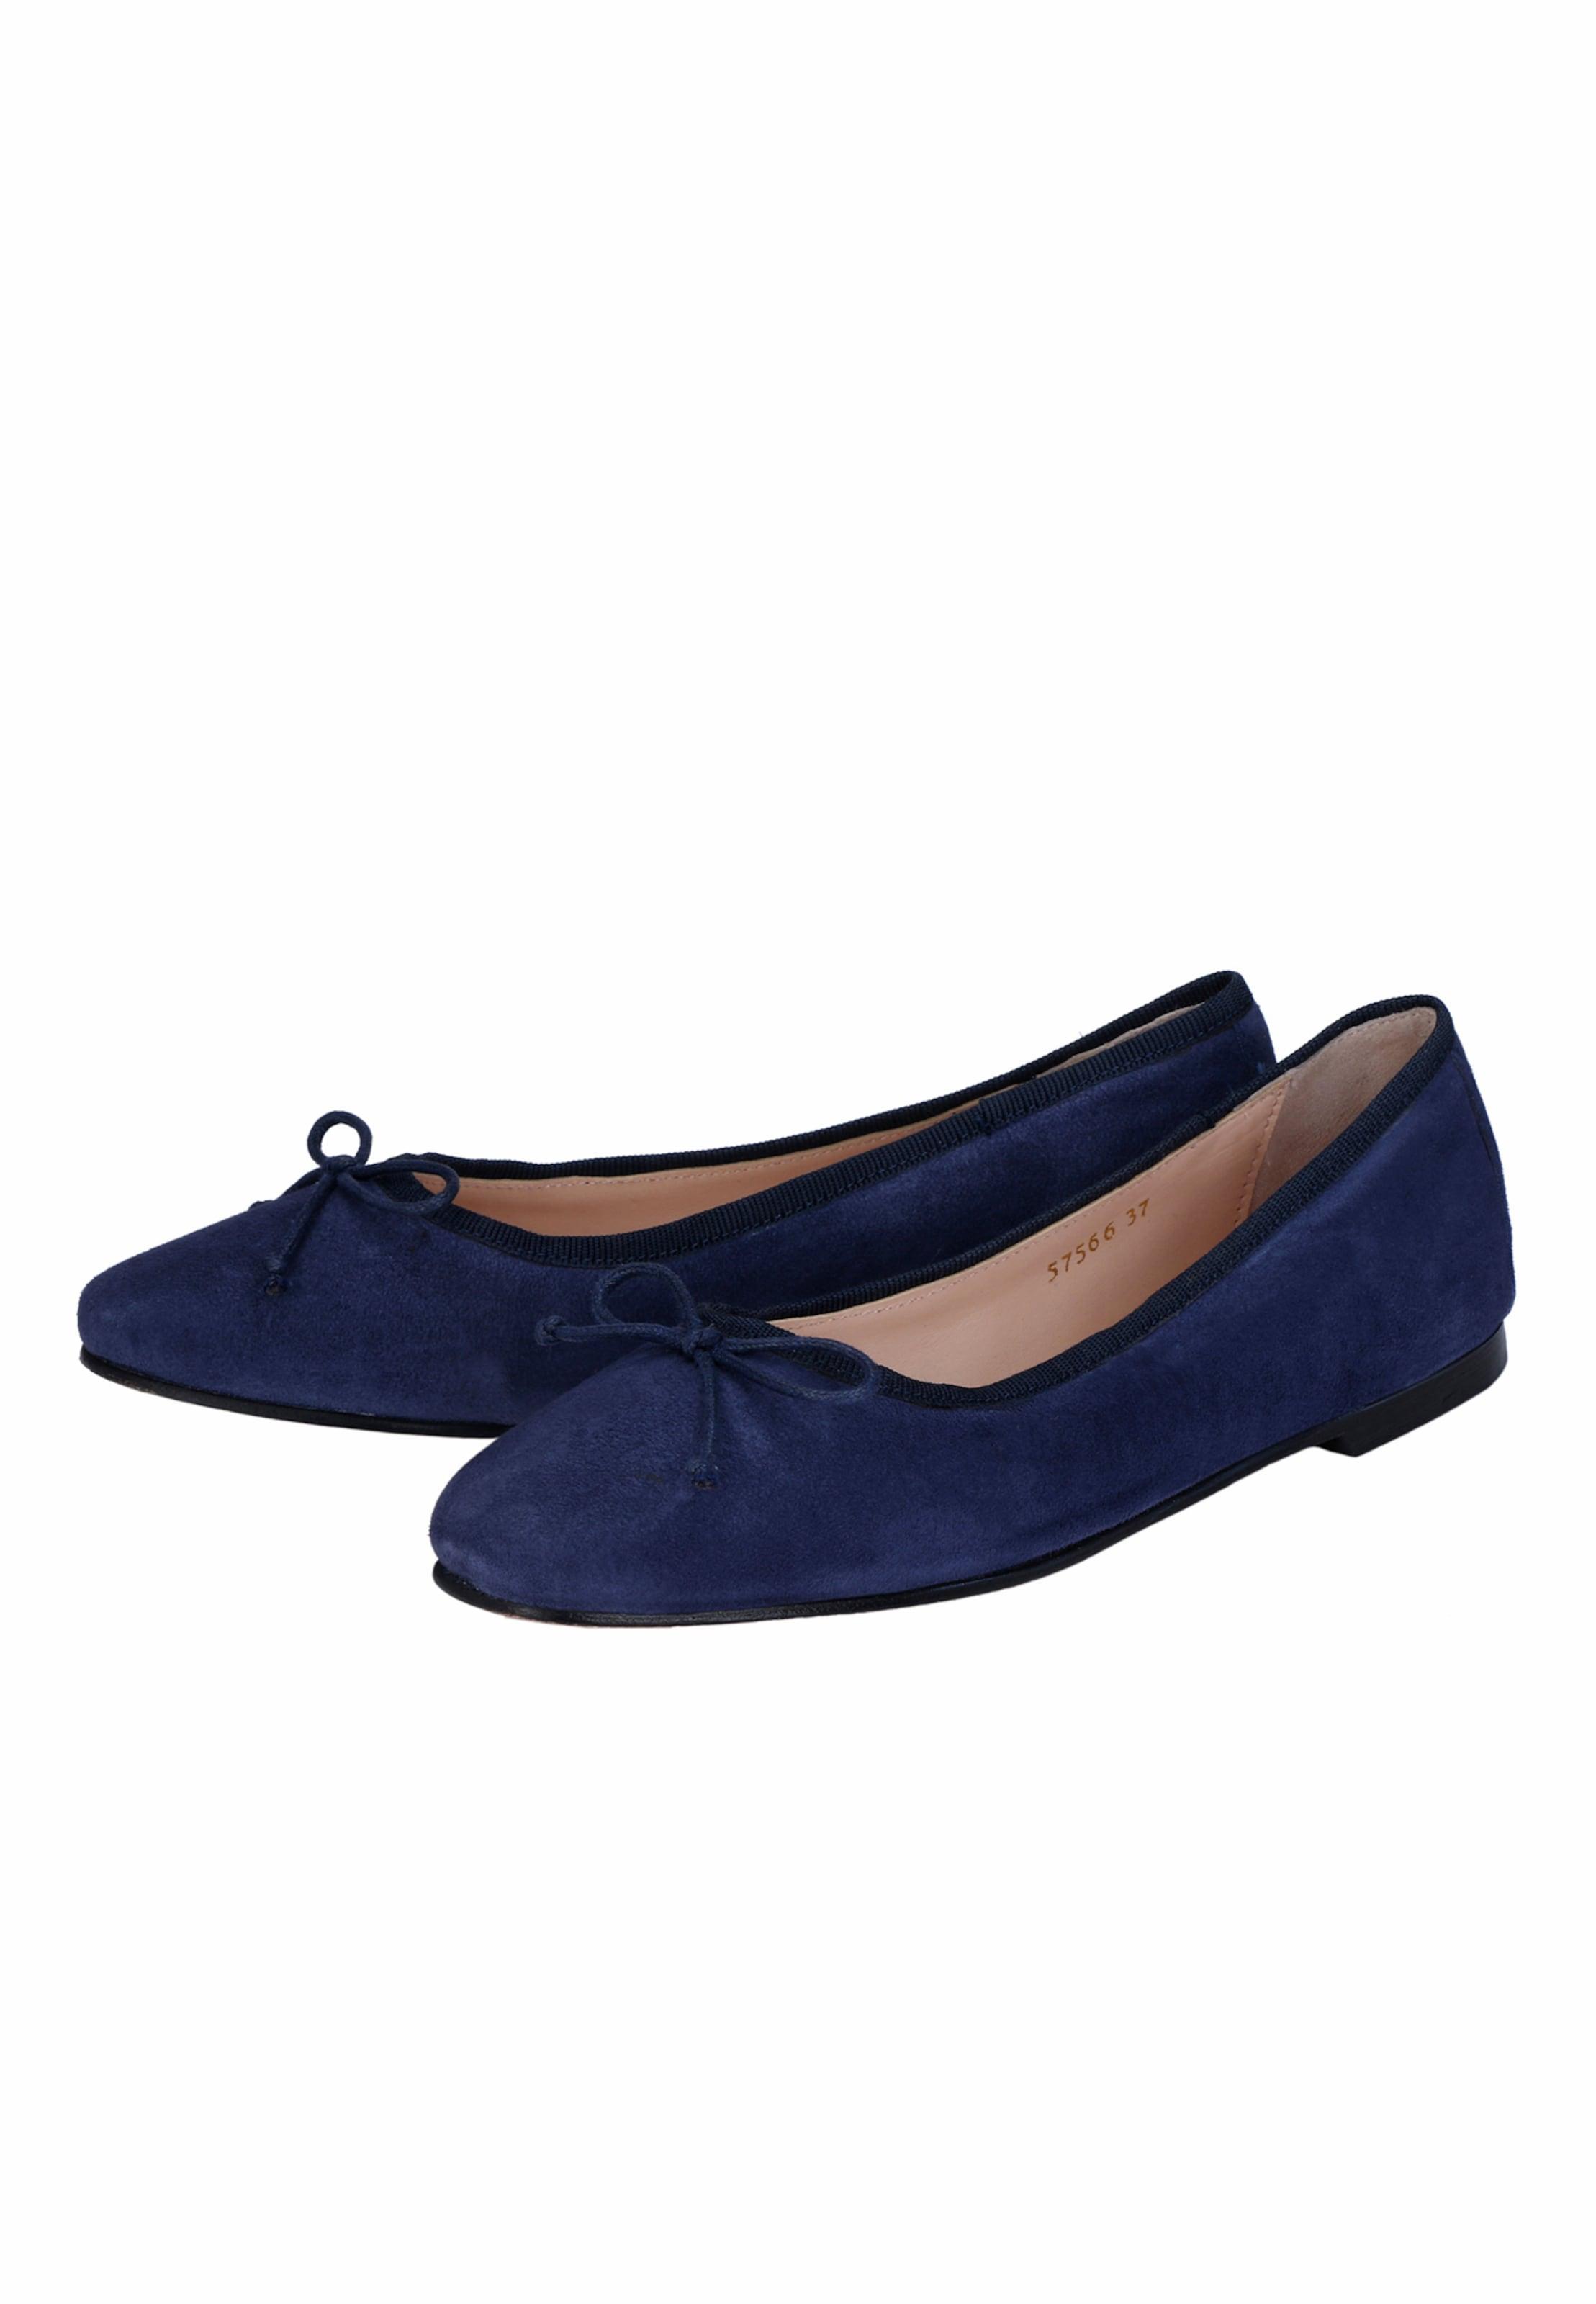 Blau In Ballerinas Blau 'erin' 'erin' Crickit Ballerinas In Crickit AR4L35qj